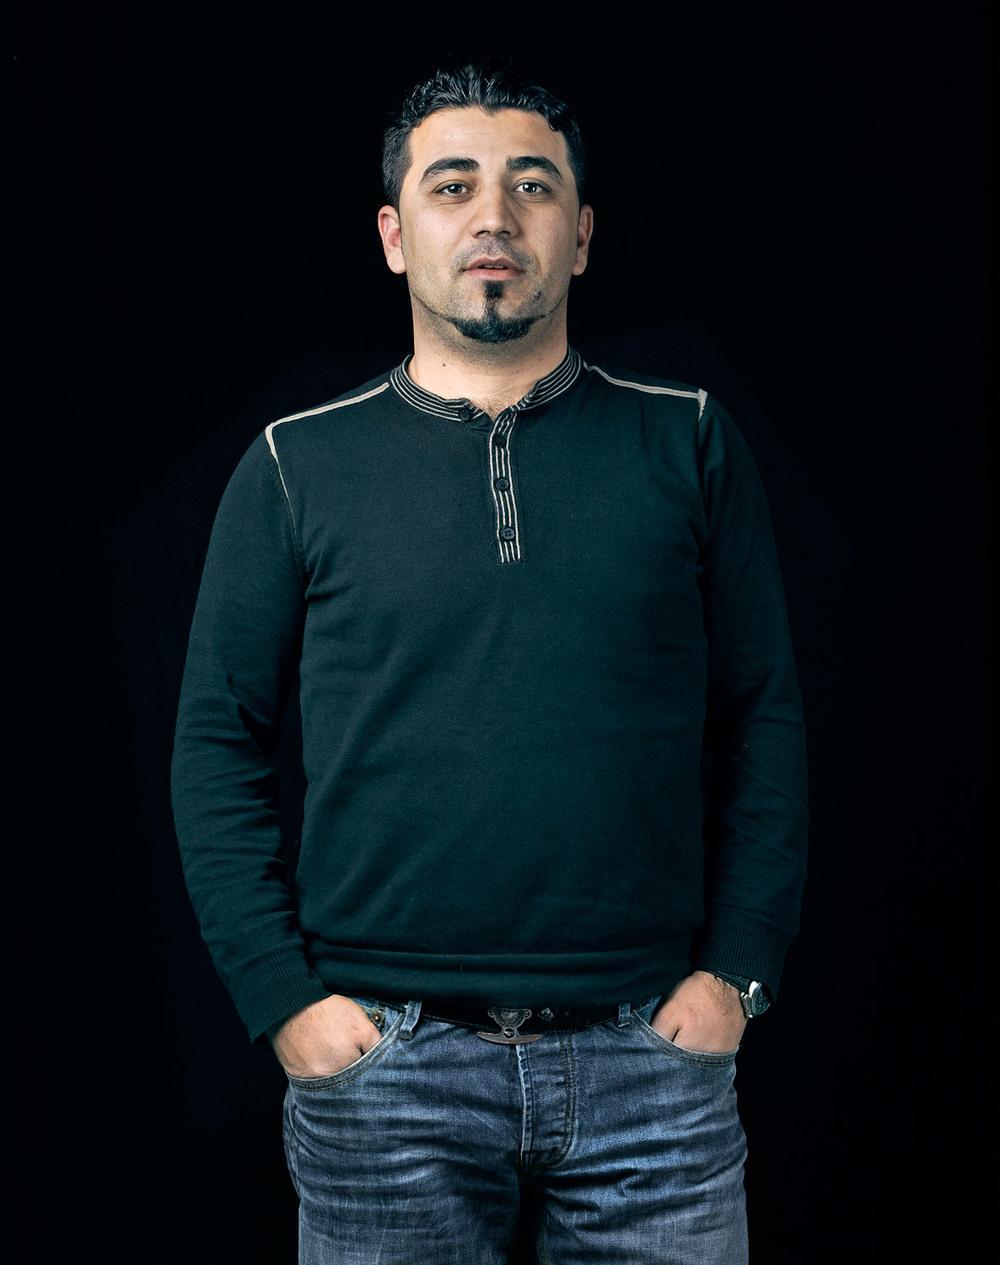 Mehmet Ali Yilmaz, originaire de Turquie